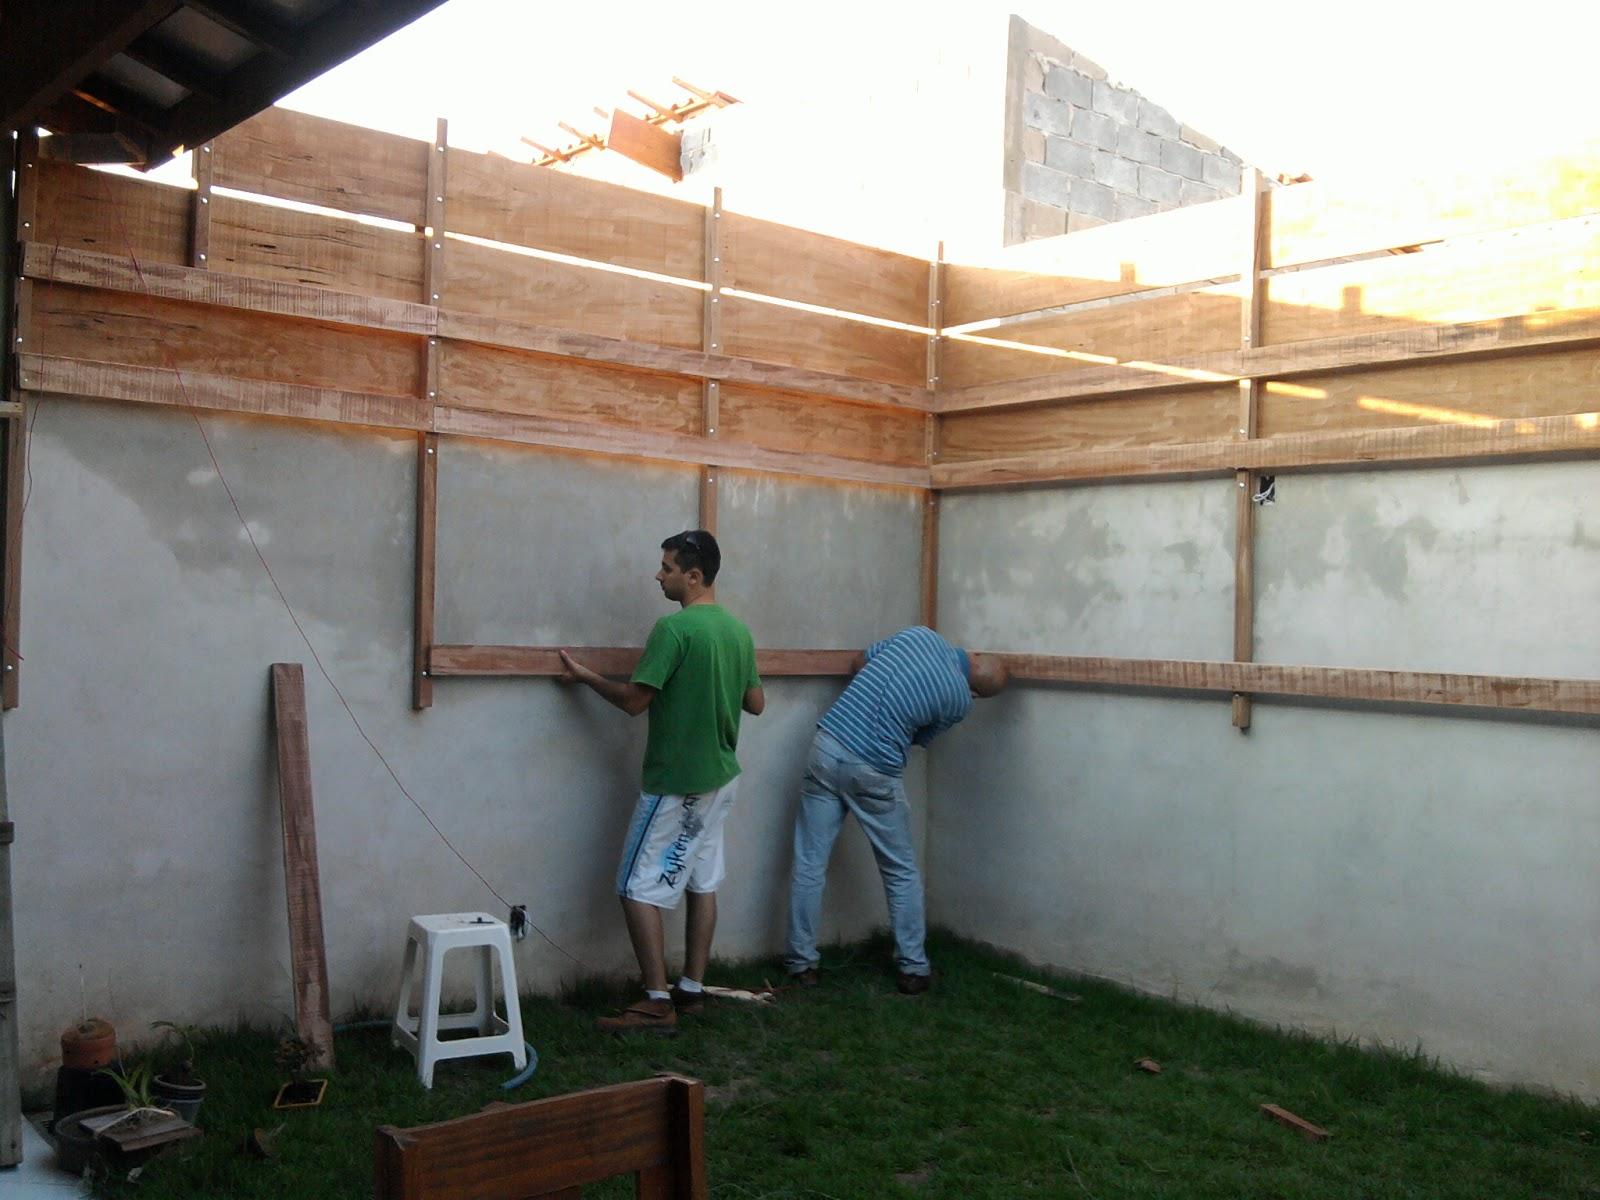 Jardim Vertical!! Solução criativa para pequenos espaços. #986933 1600x1200 Banheiro Com Jardim Vertical